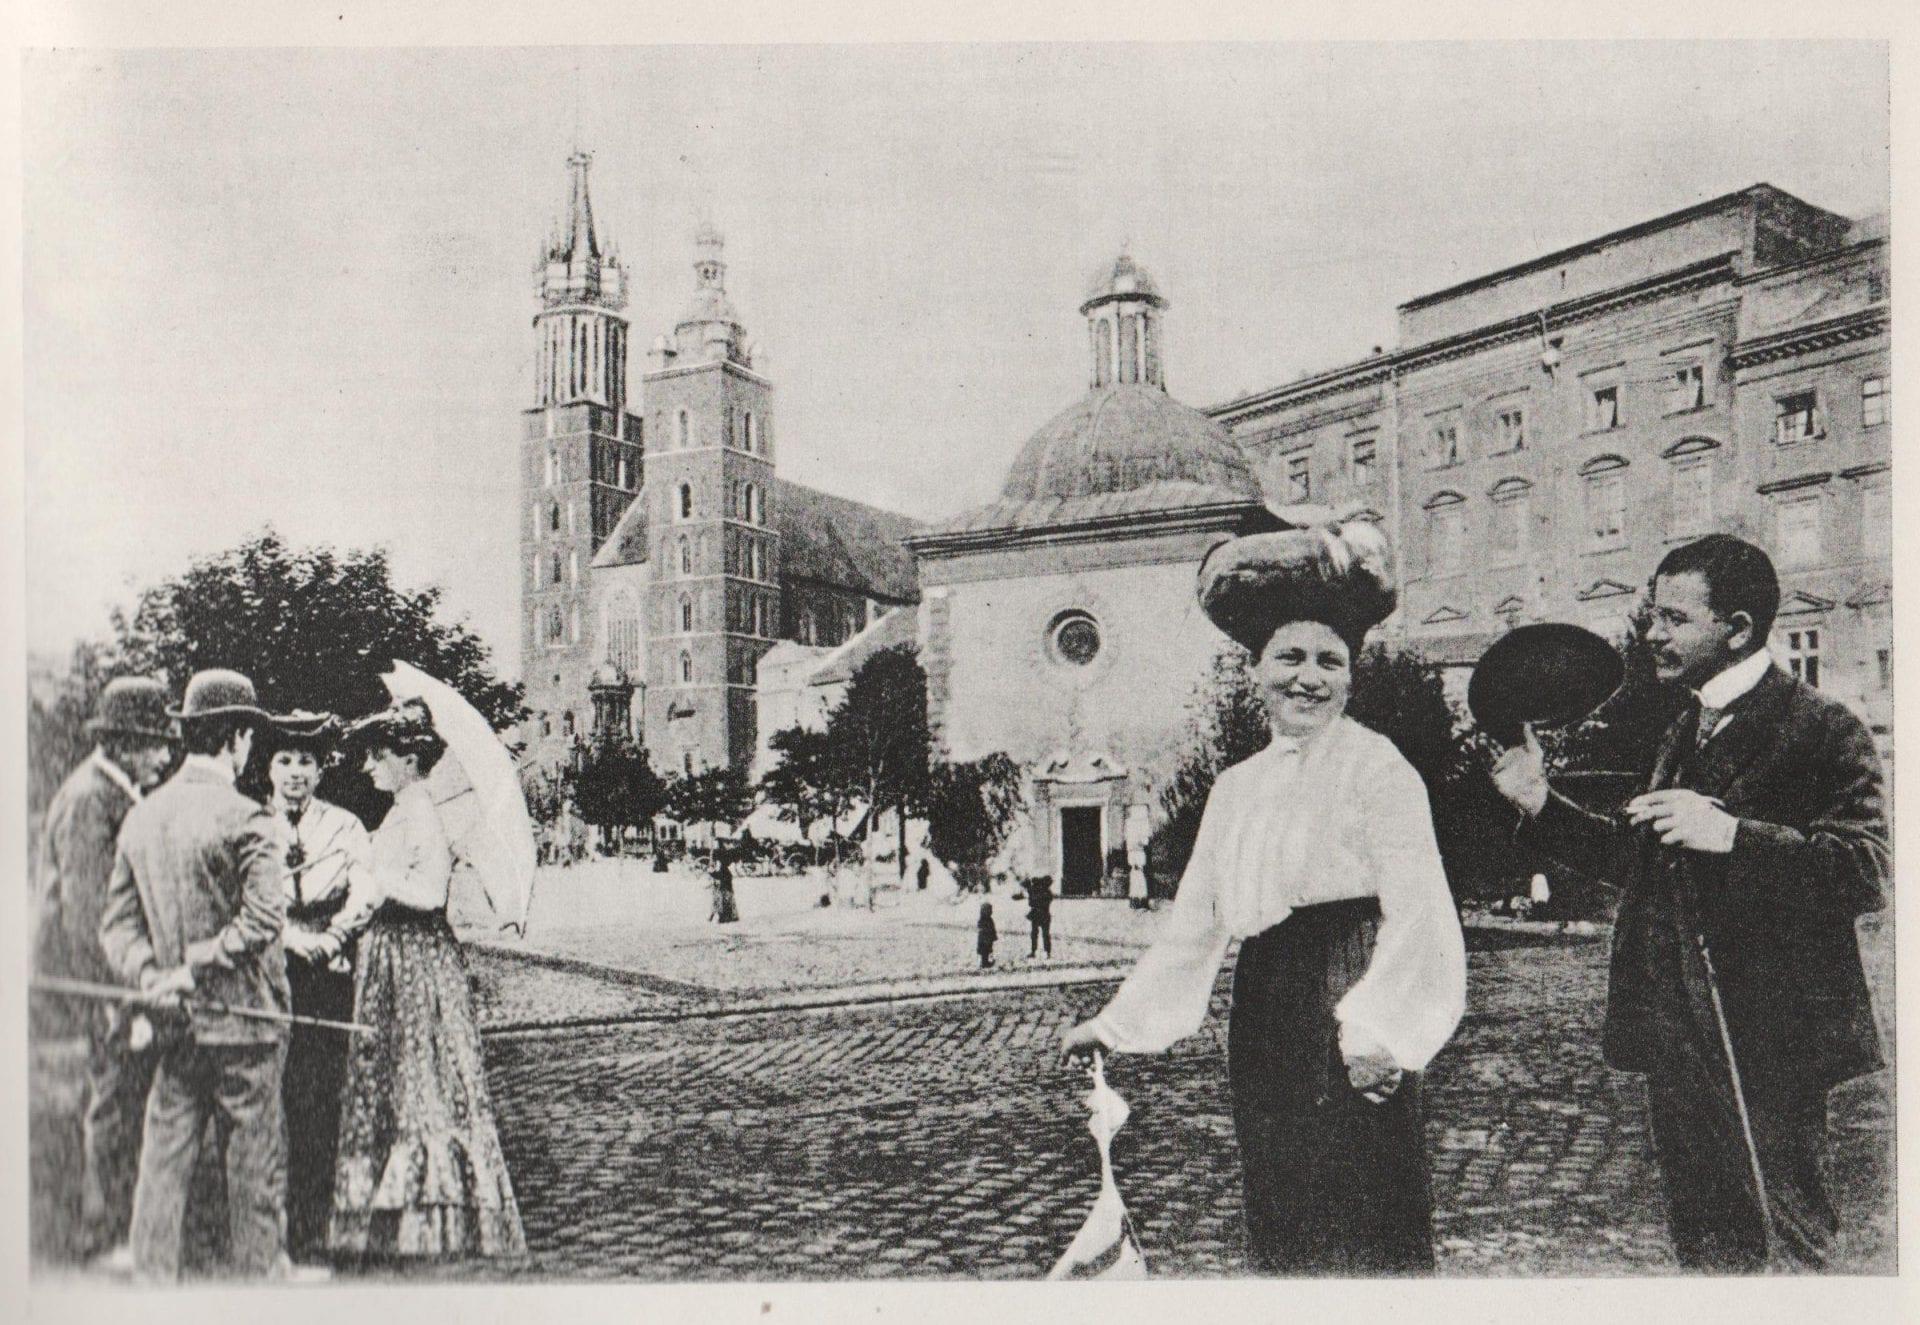 Rynek Główny w Krakowie przed I wojną światową. Źródło: Lenin w Krakowie.